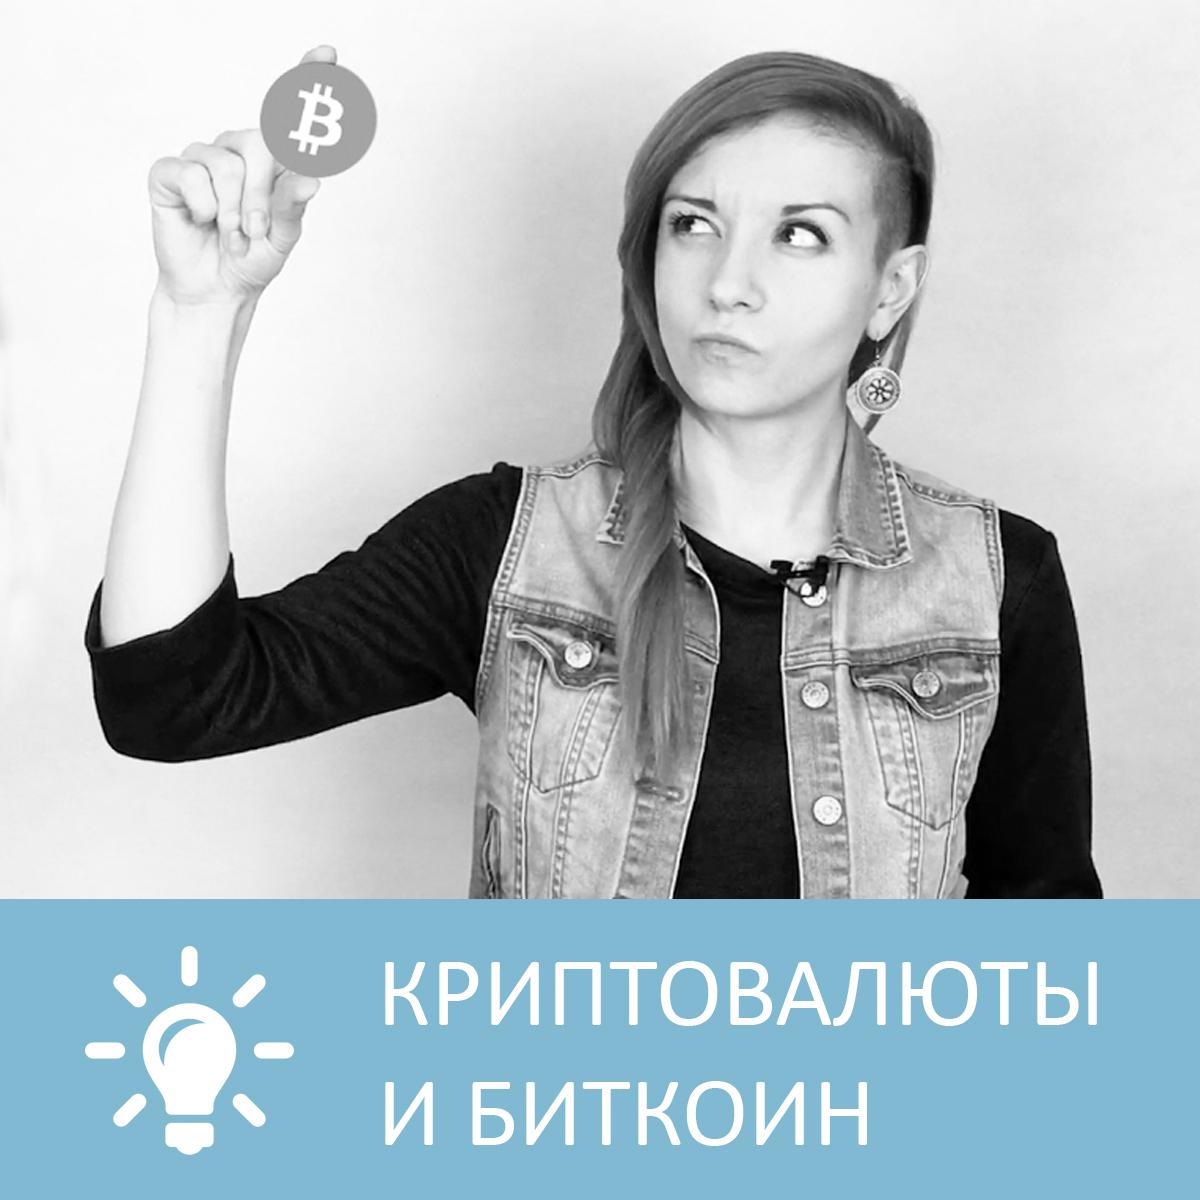 Петровна Криптовалюты и Биткоин